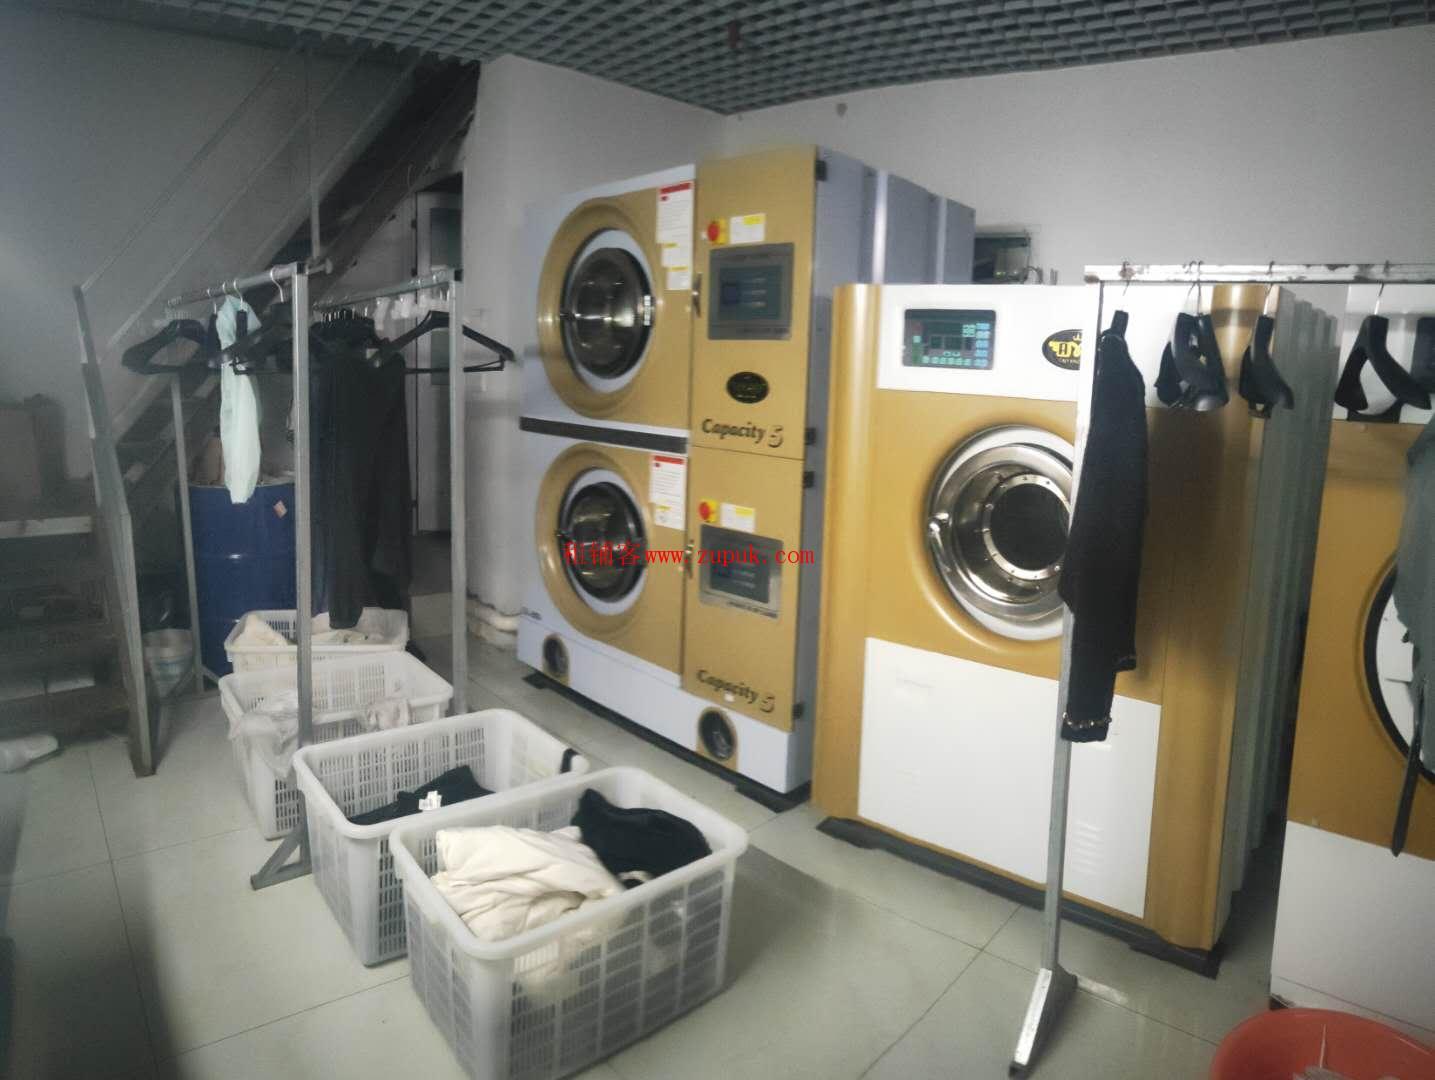 未来方舟盈利经营中洗衣店整体转让